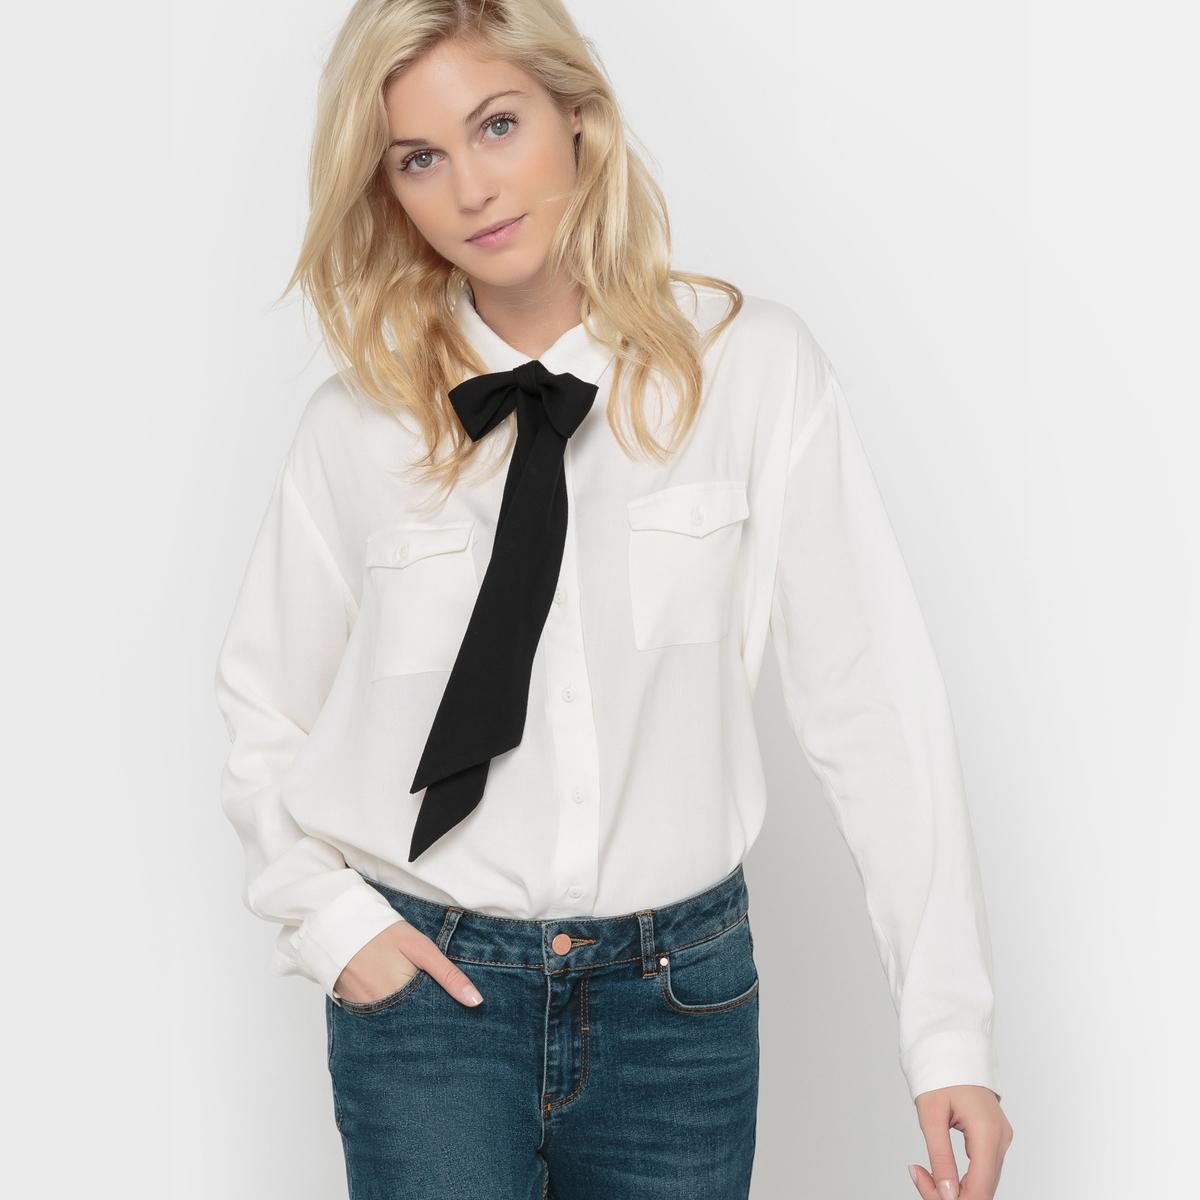 Рубашка с галстуком-бантомСостав &amp; ДеталиМатериал: 100% вискозы     Марка        VERO MODA               Уход     Следуйте рекомендациям по уходу, указанным на этикетке изделия.<br><br>Цвет: слоновая кость,черный<br>Размер: XS.S.XL